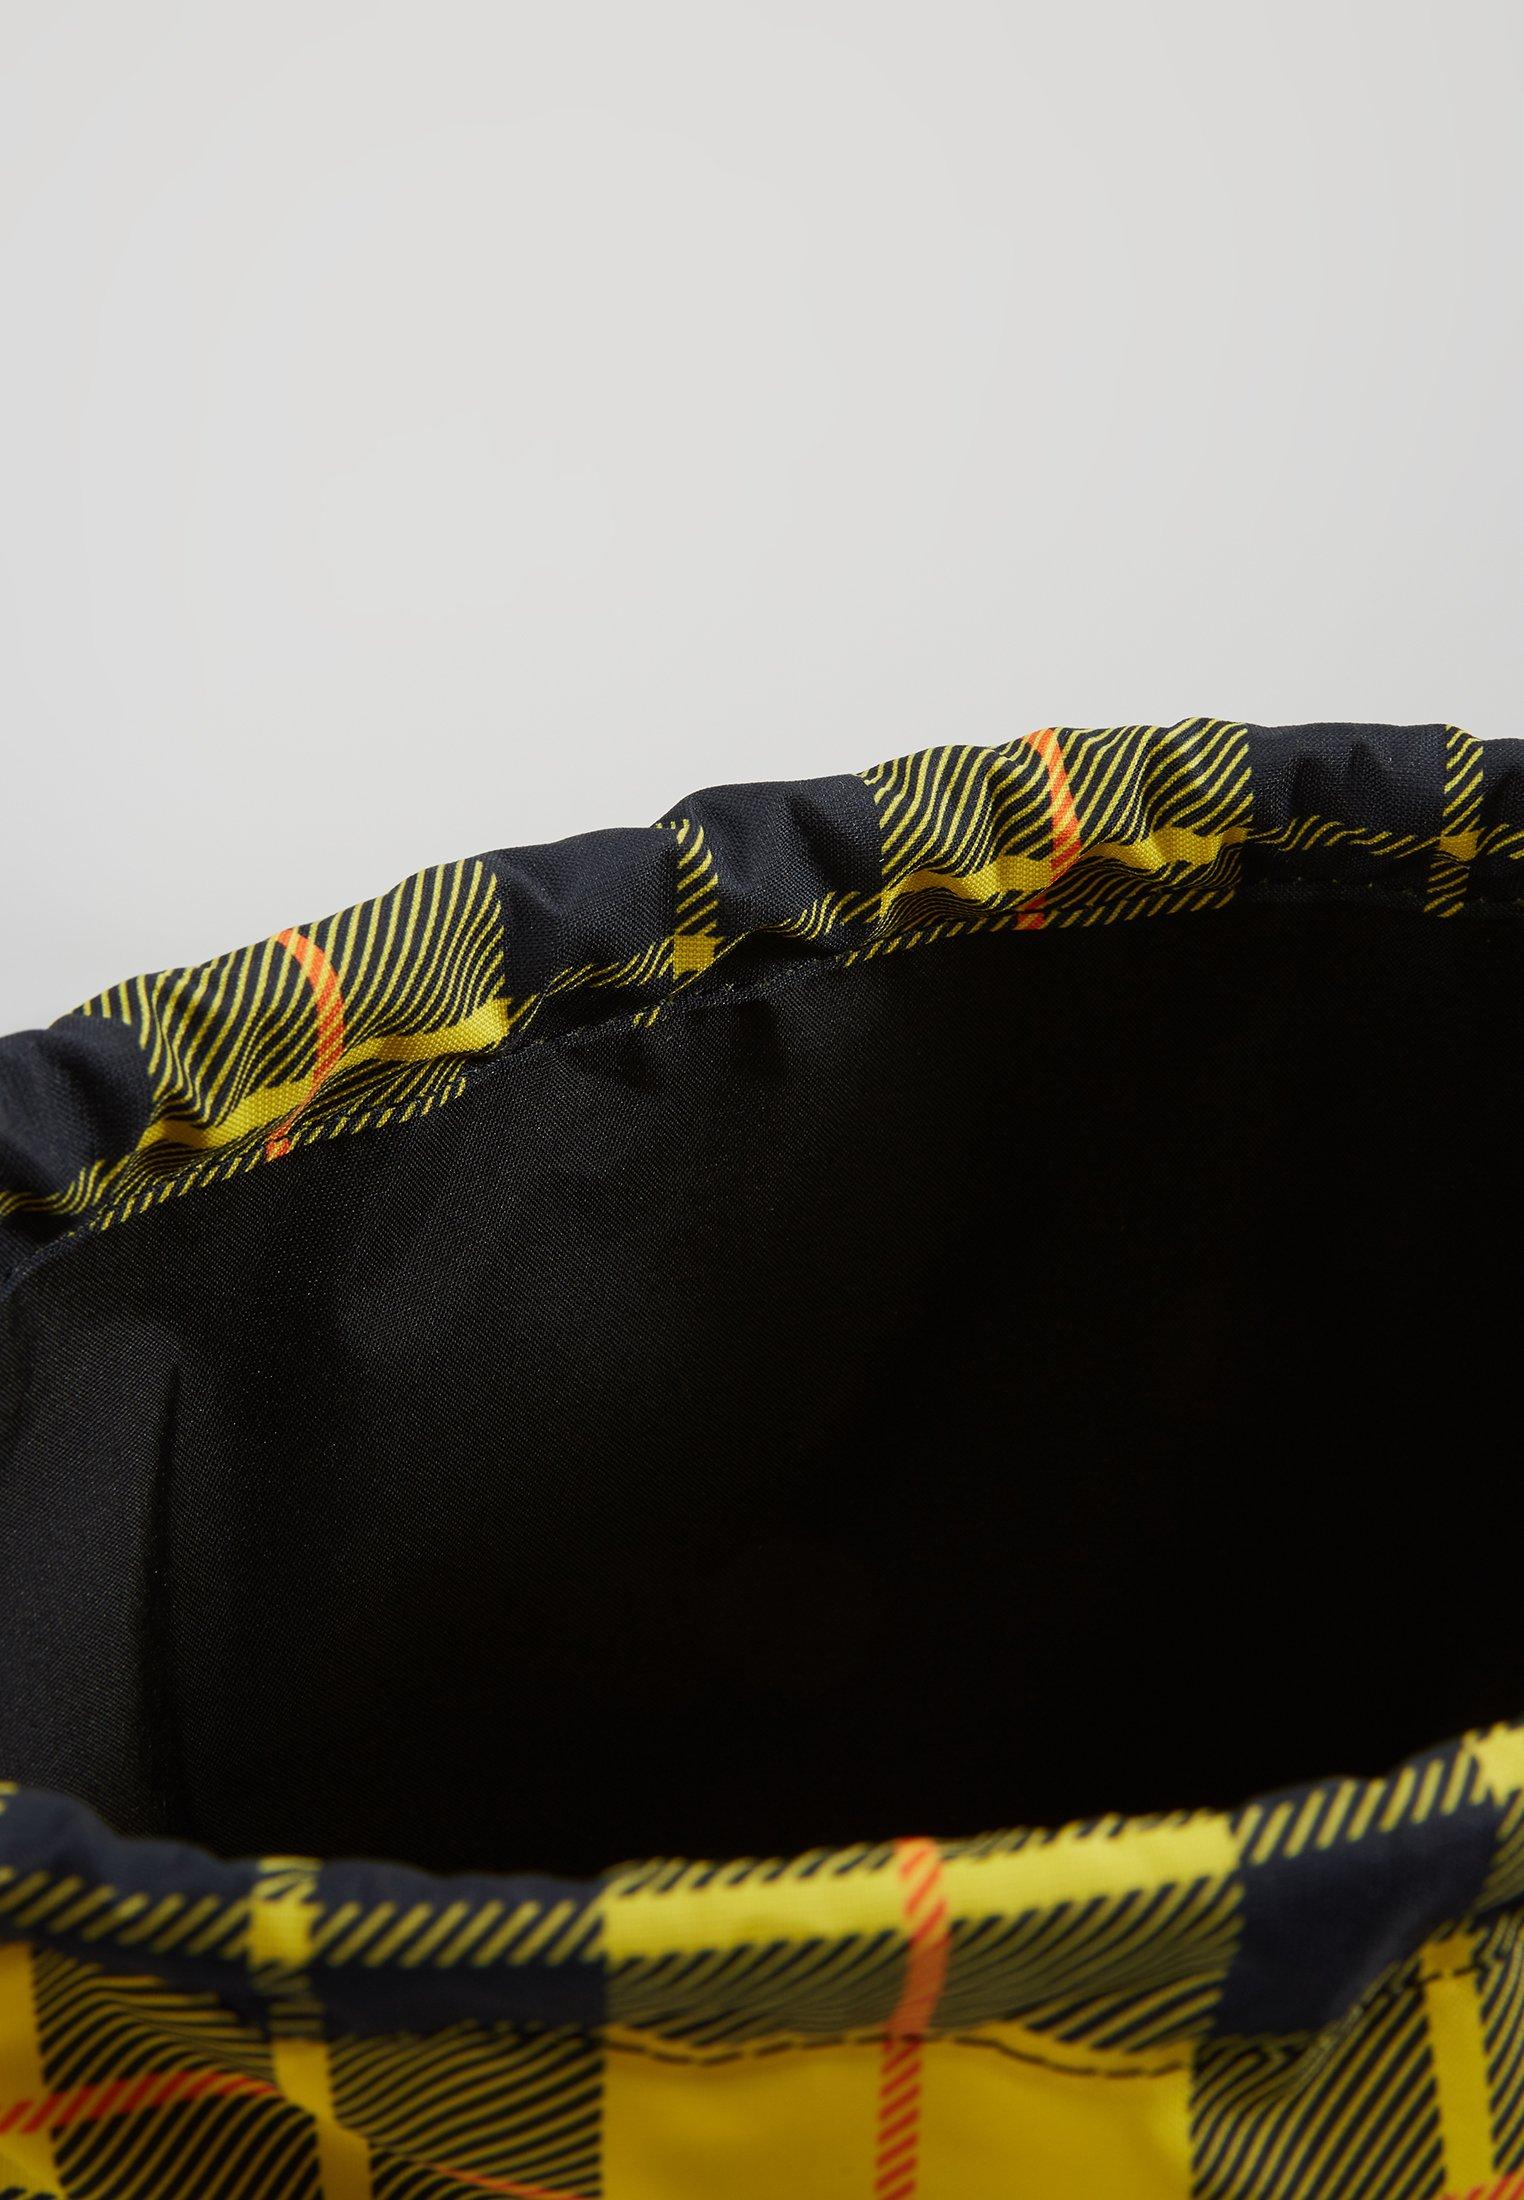 Sportswear HeritageZaino Chrome Yellow Nike black iXOkZPu